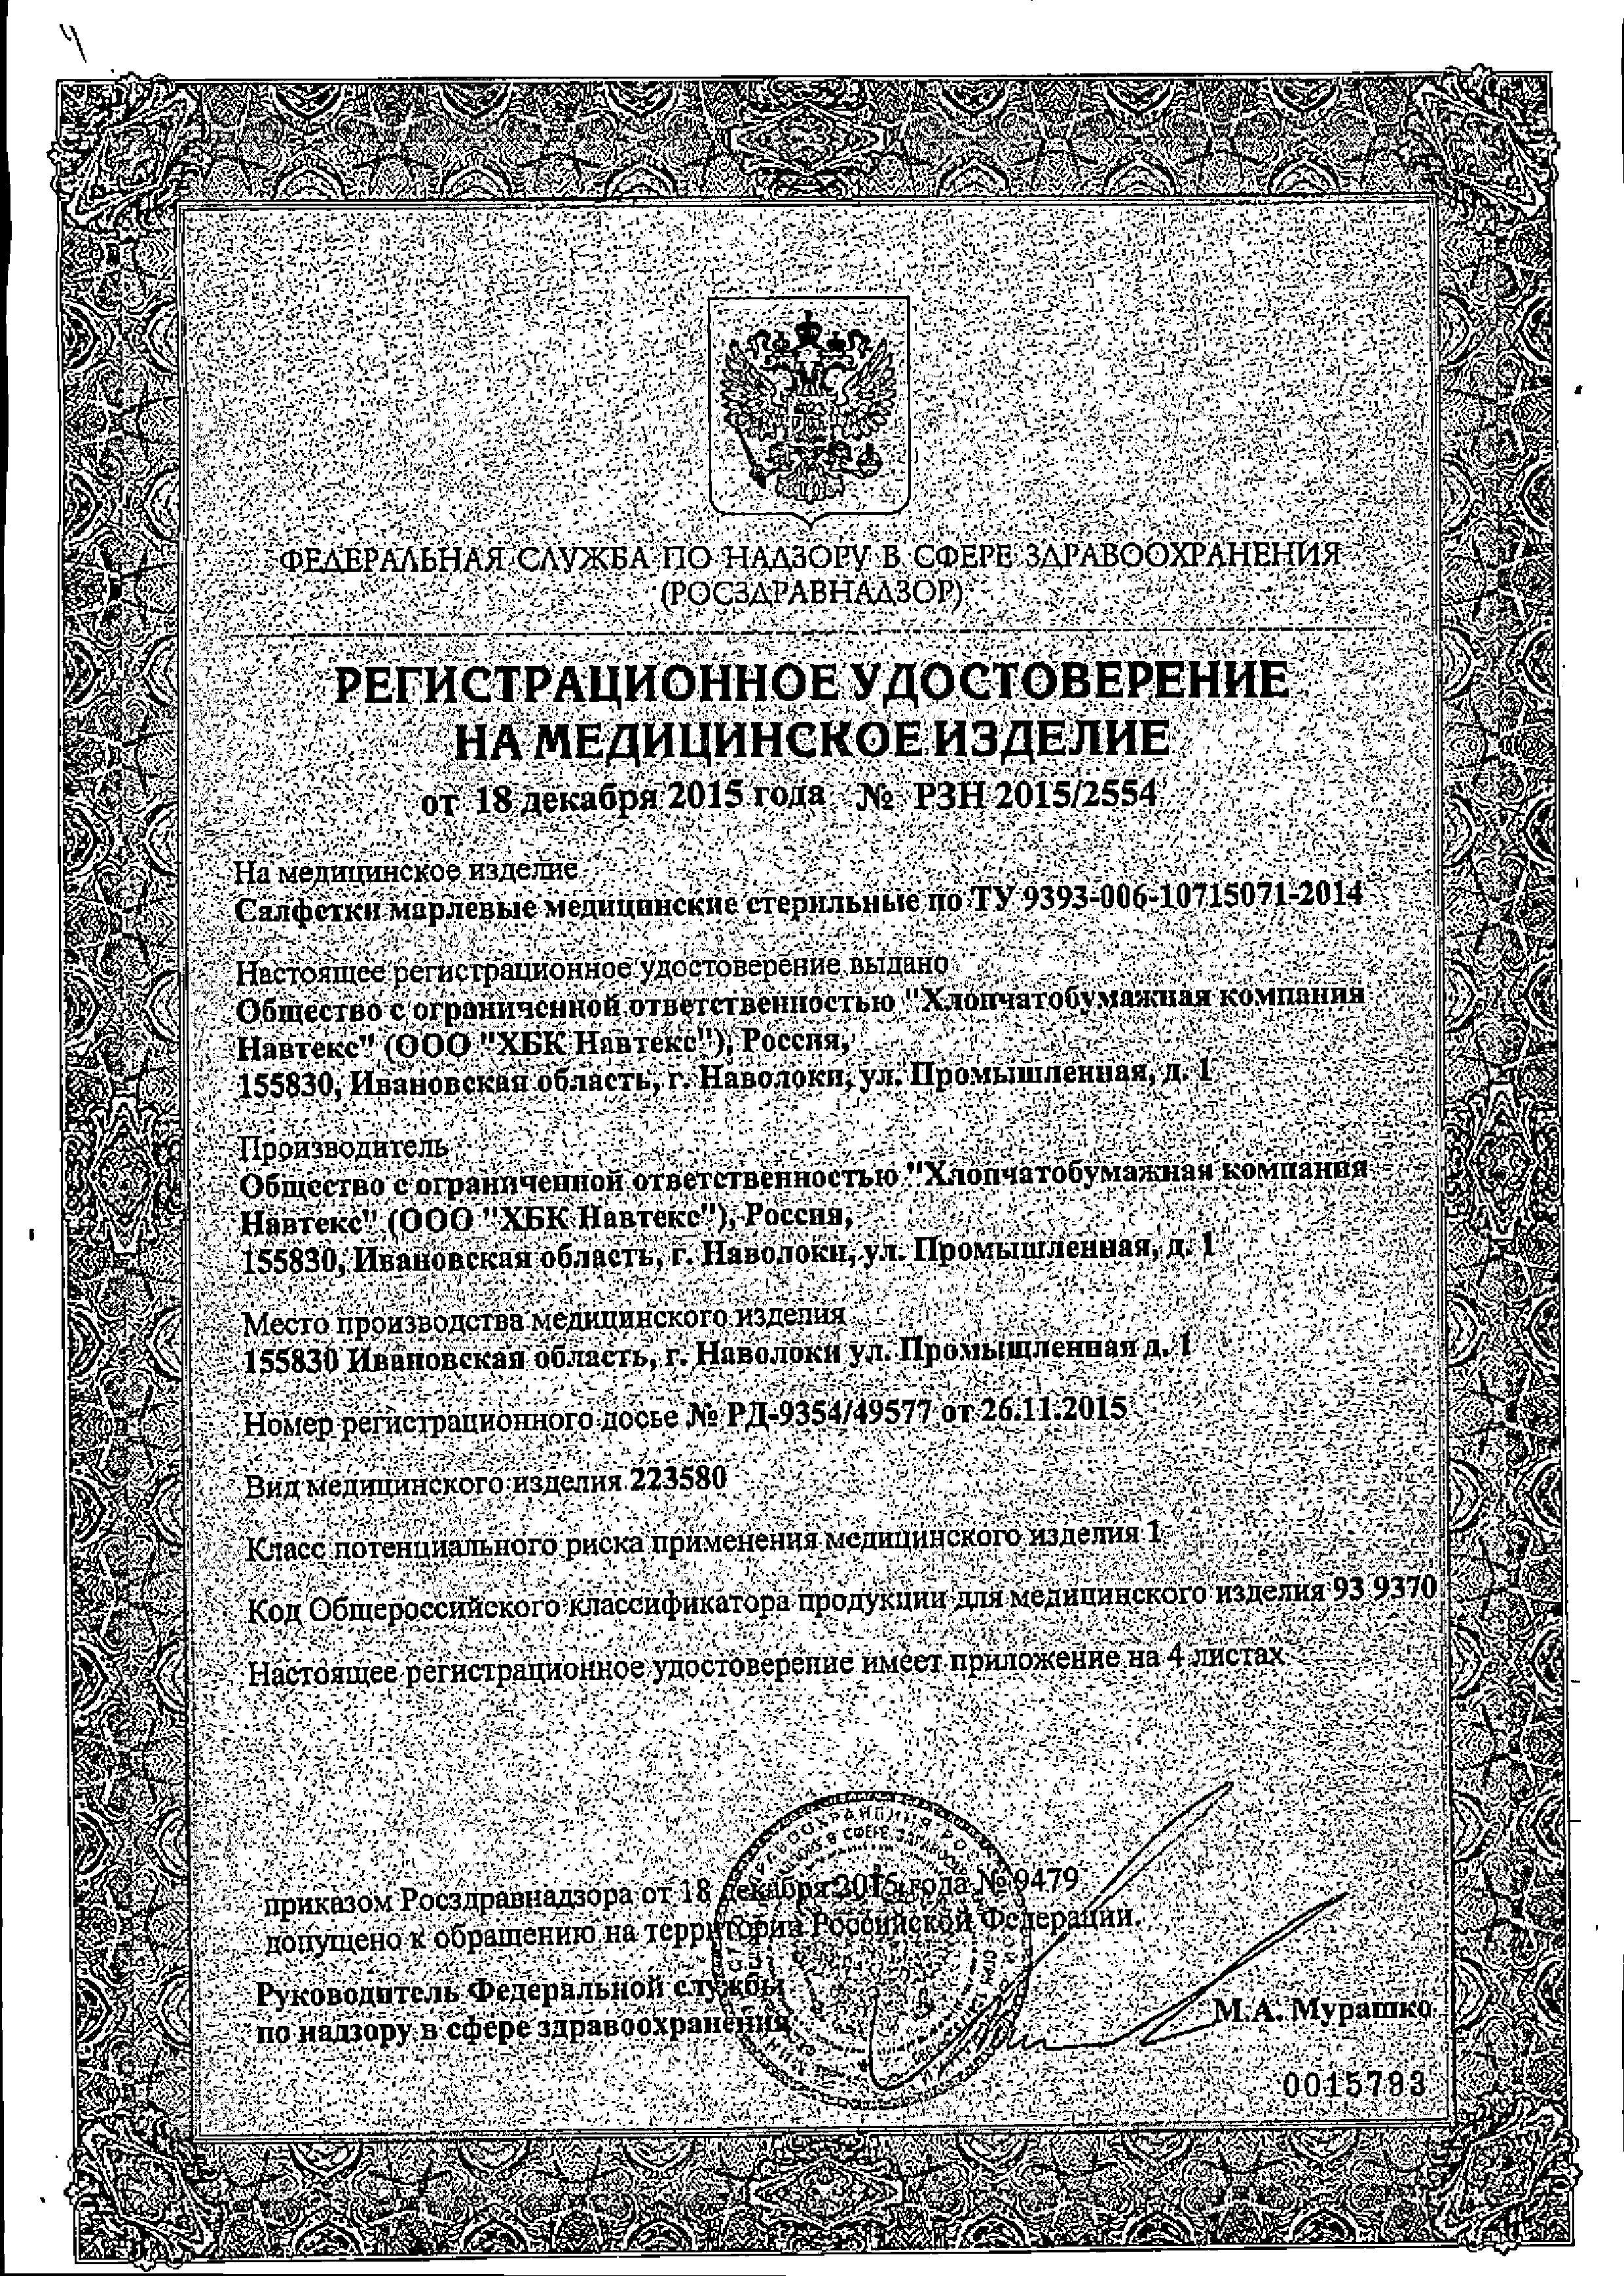 Клинса салфетки марлевые стерильные сертификат